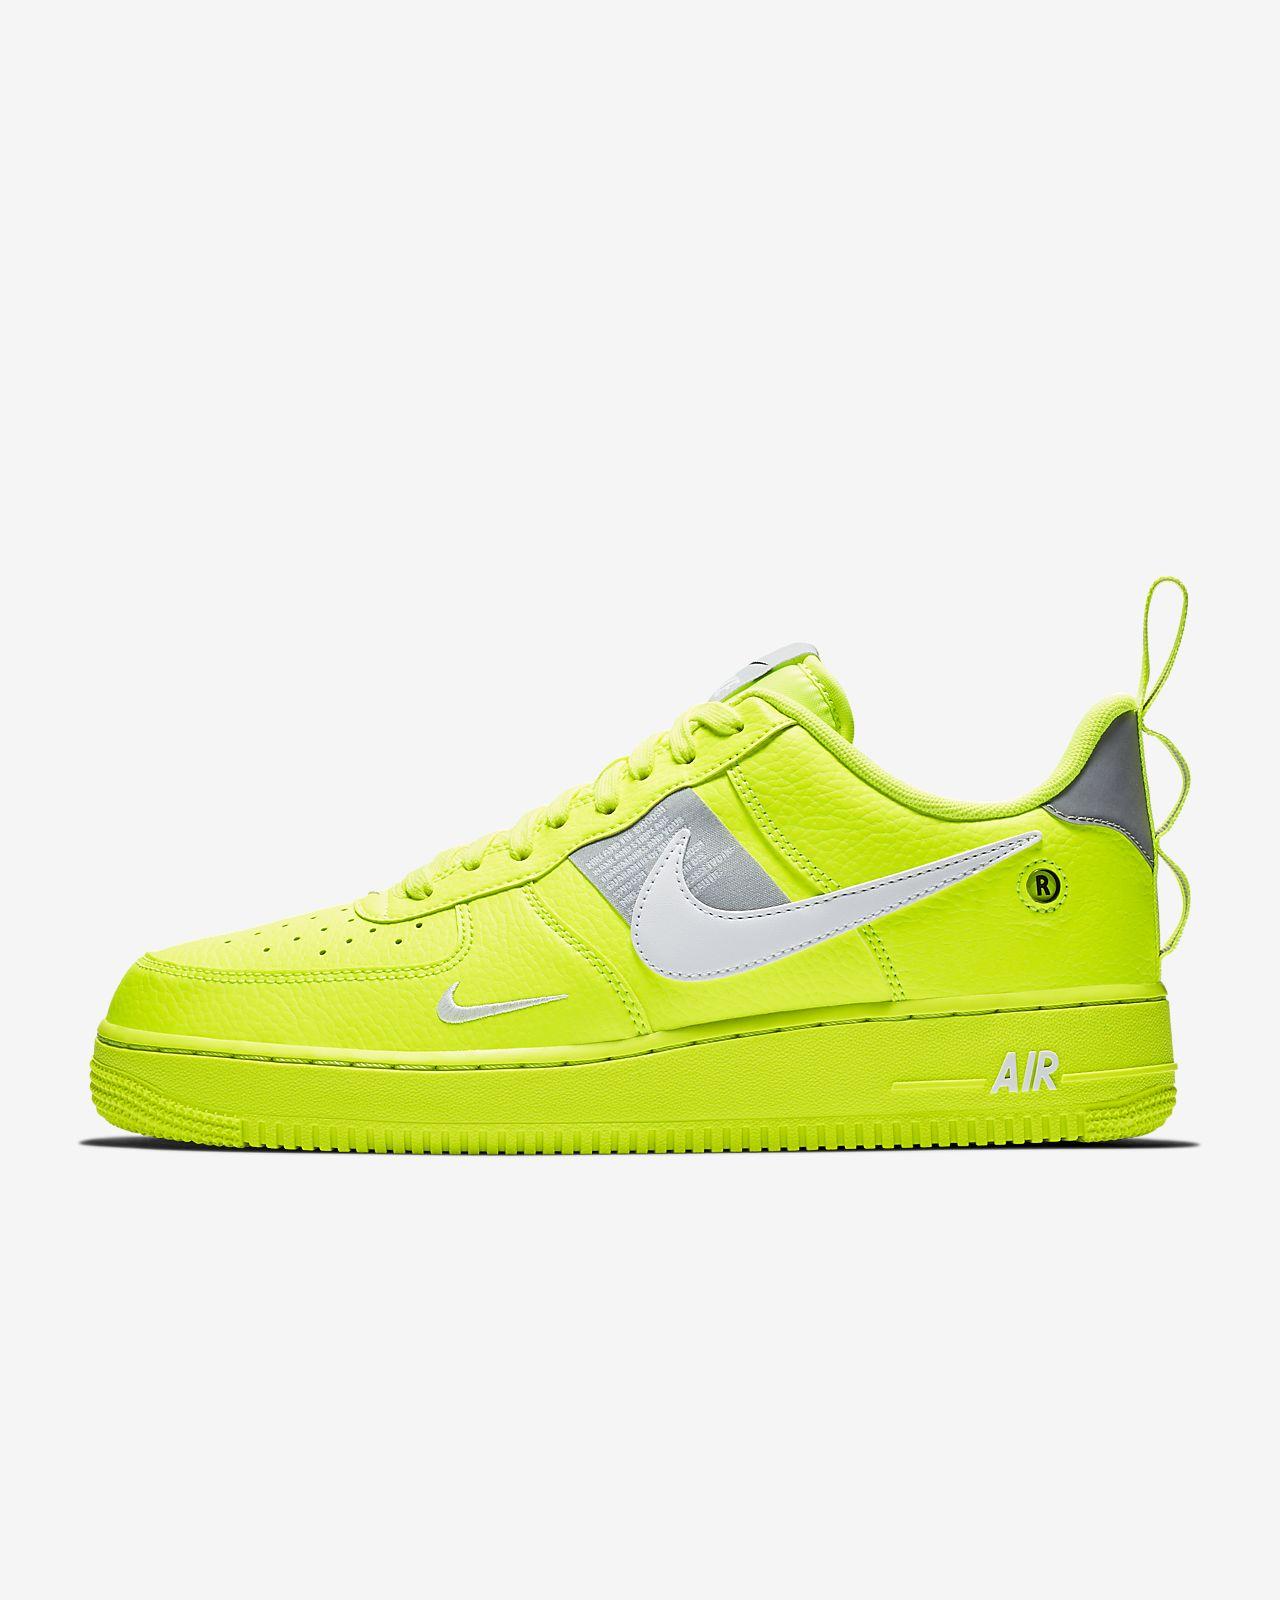 6681c7543562 Nike Air Force 1  07 LV8 Utility Men s Shoe. Nike.com PT